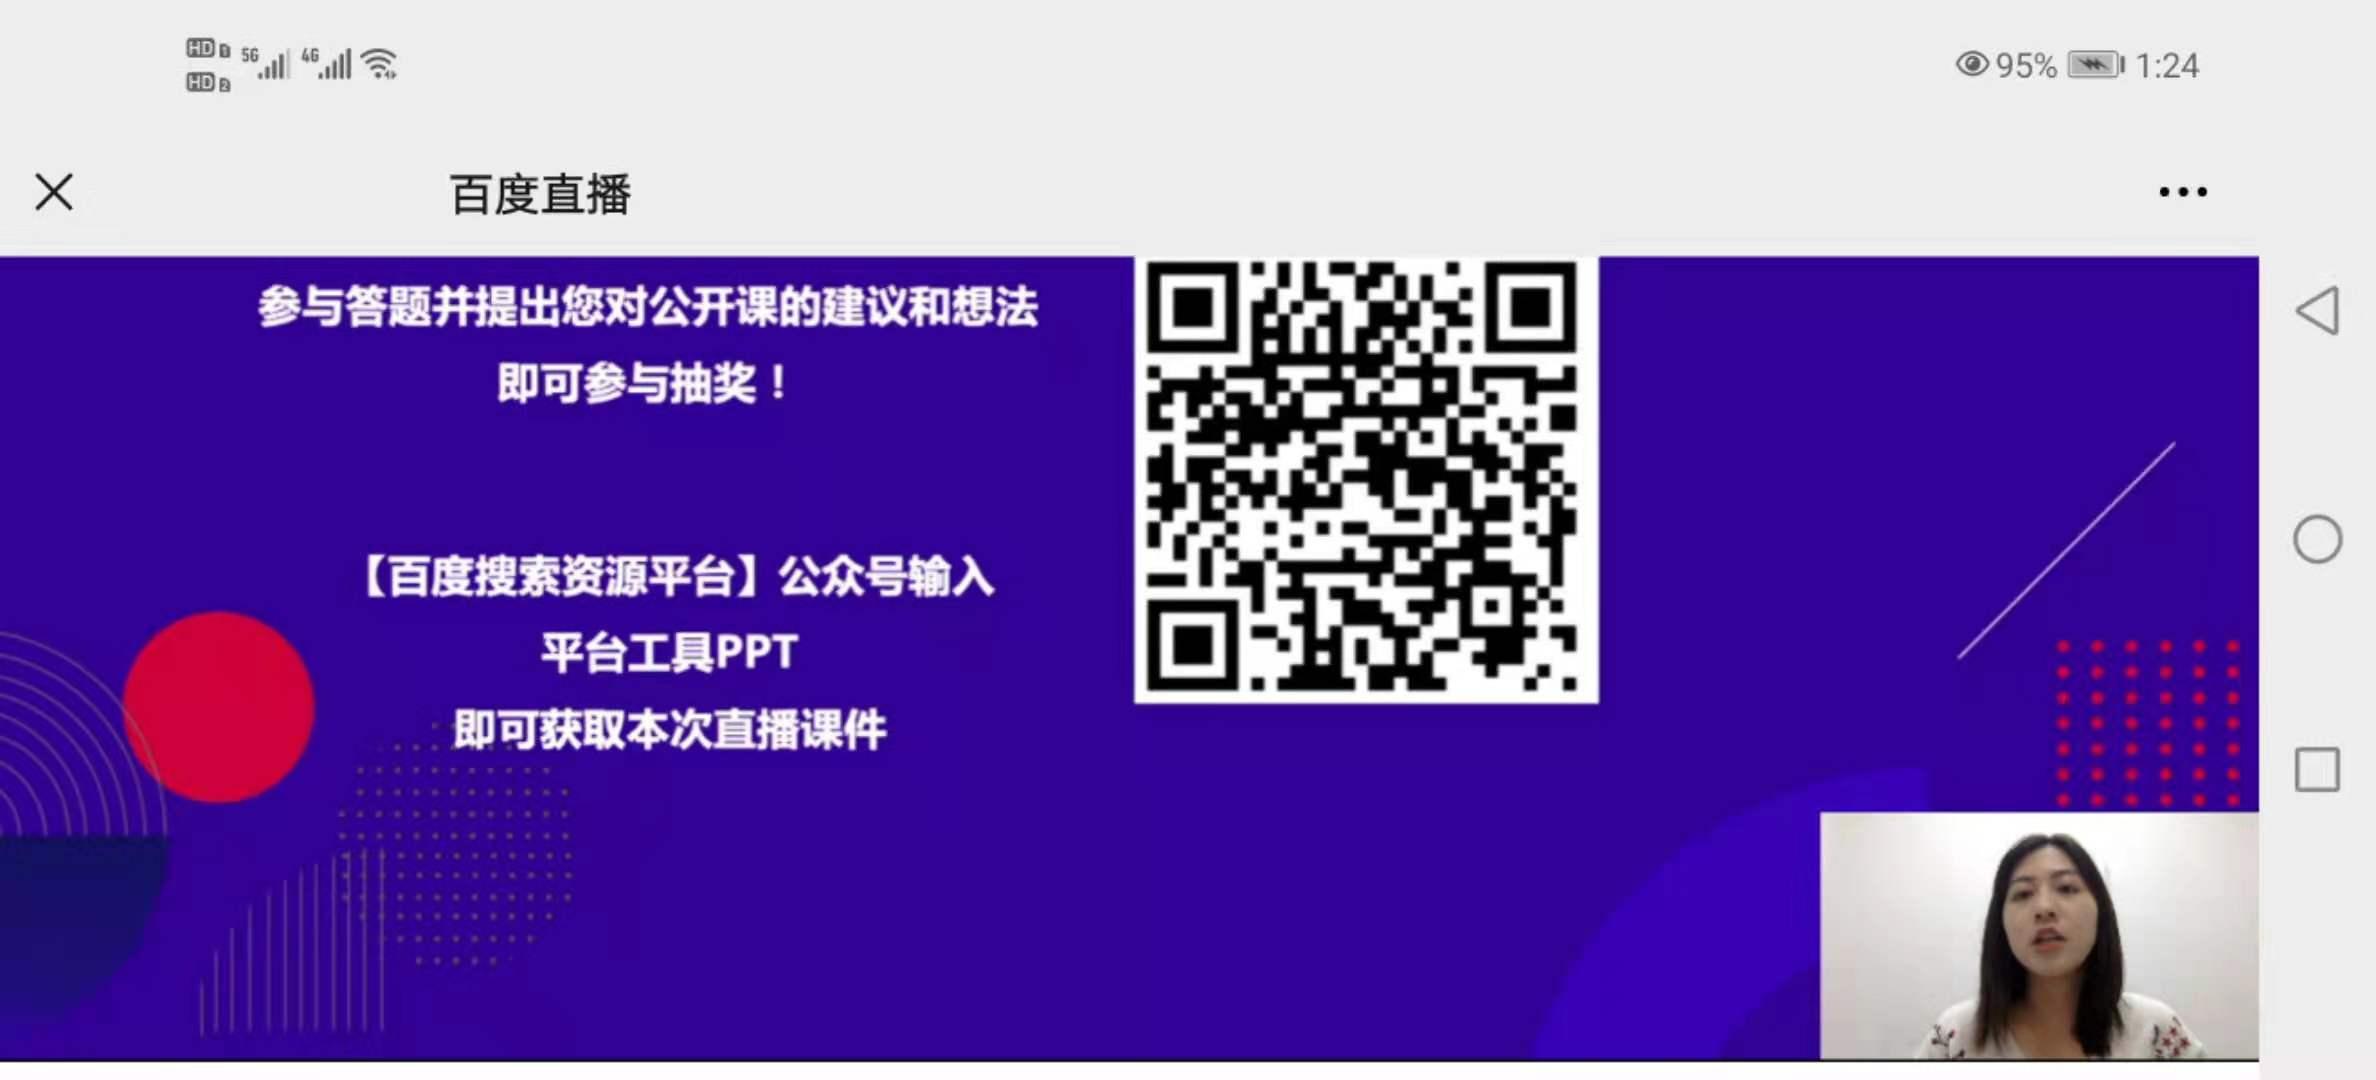 微信图片_20210516132158.jpg